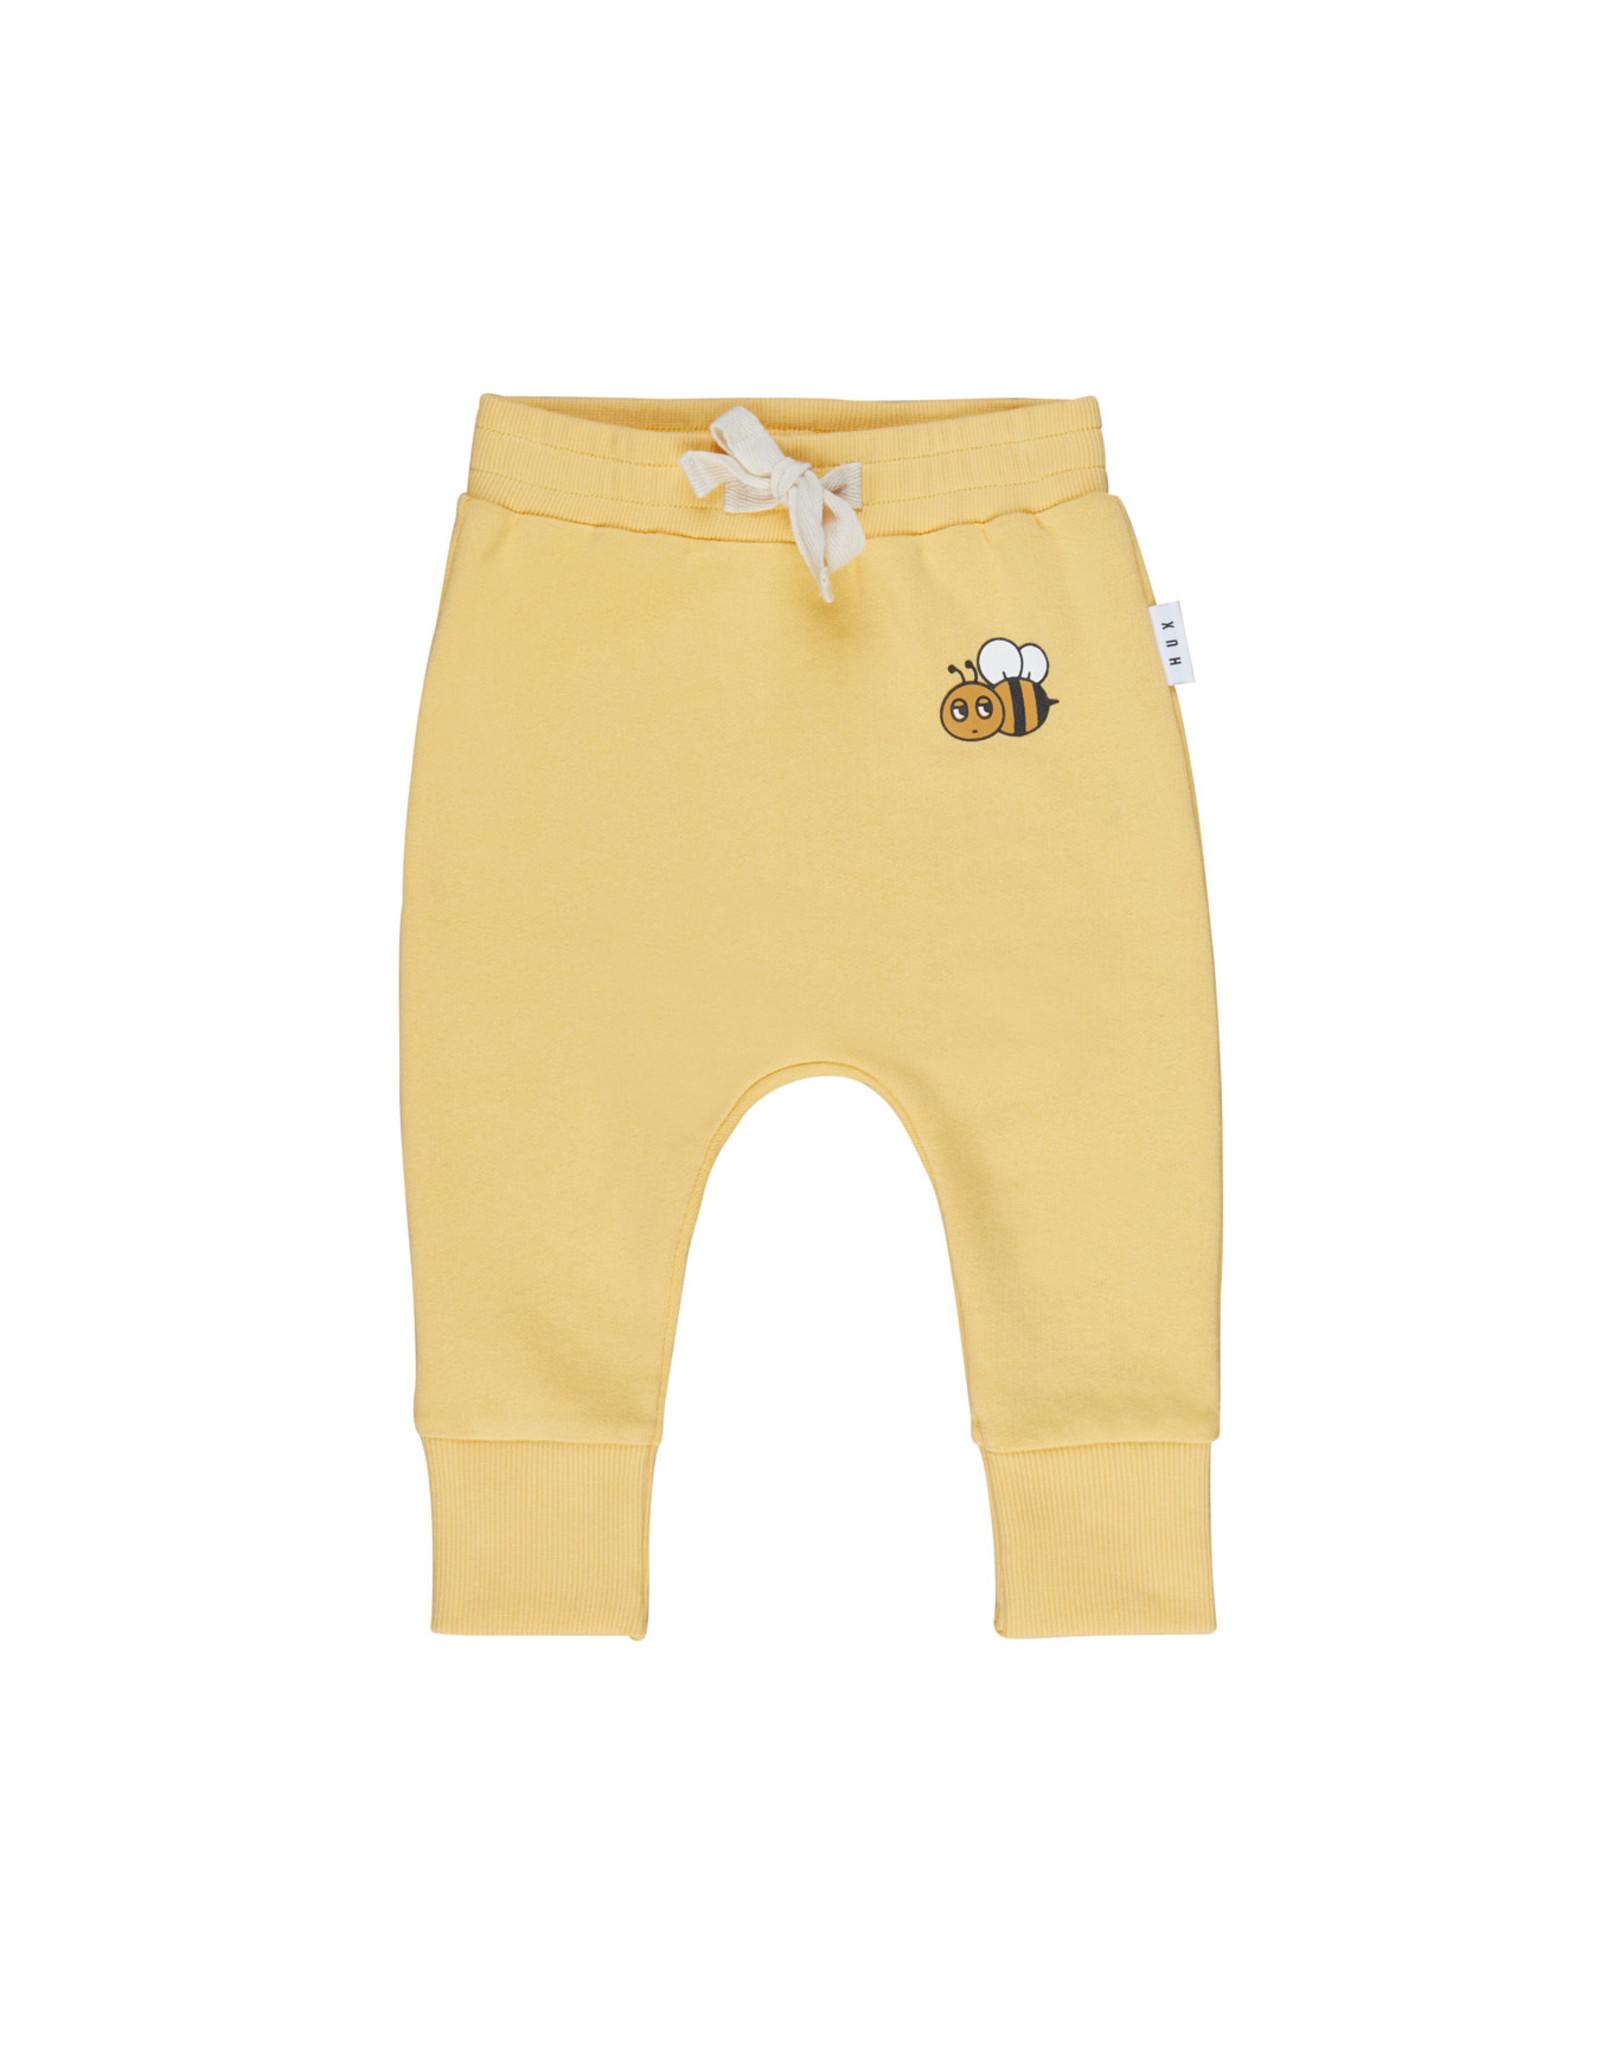 Huxbaby Honey Bee Sunshine Pant